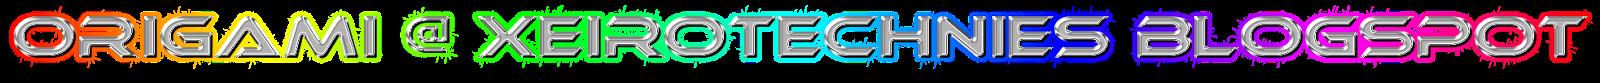 http://xeirotechnies.blogspot.gr/p/blog-page_15.html